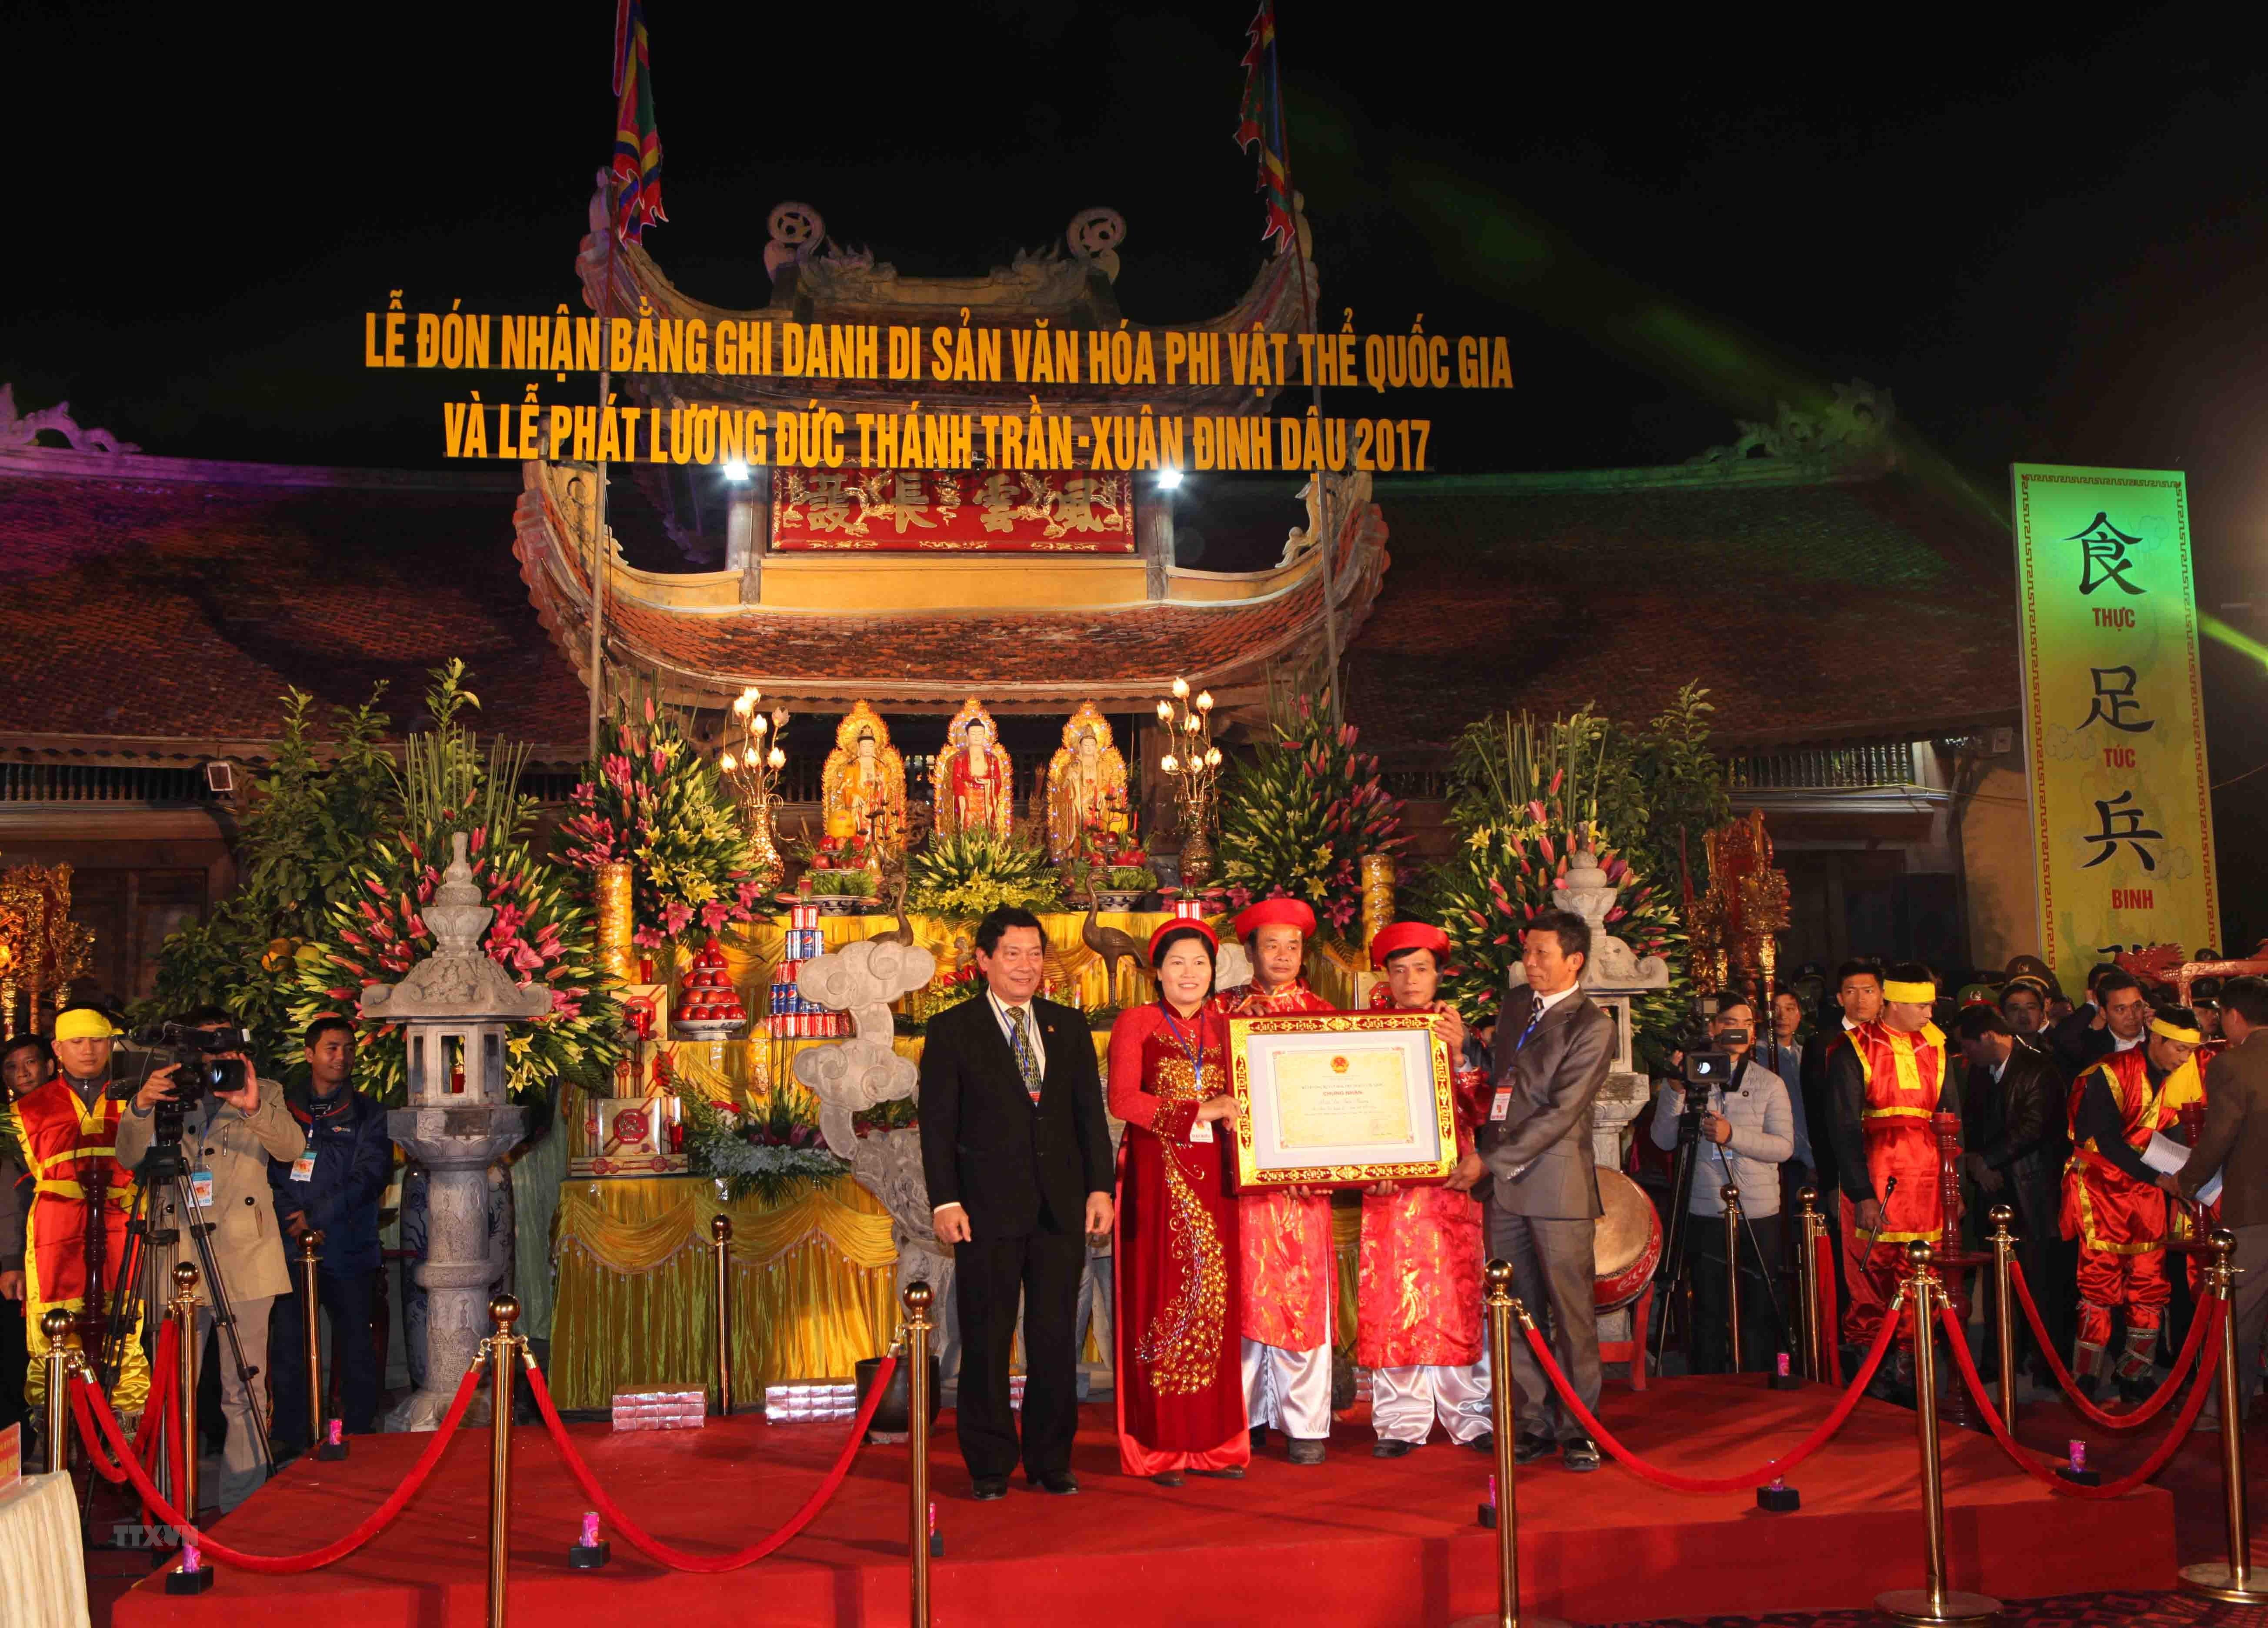 Le hoi den Tran Thuong la Di san van hoa phi vat the quoc gia hinh Lễ ...